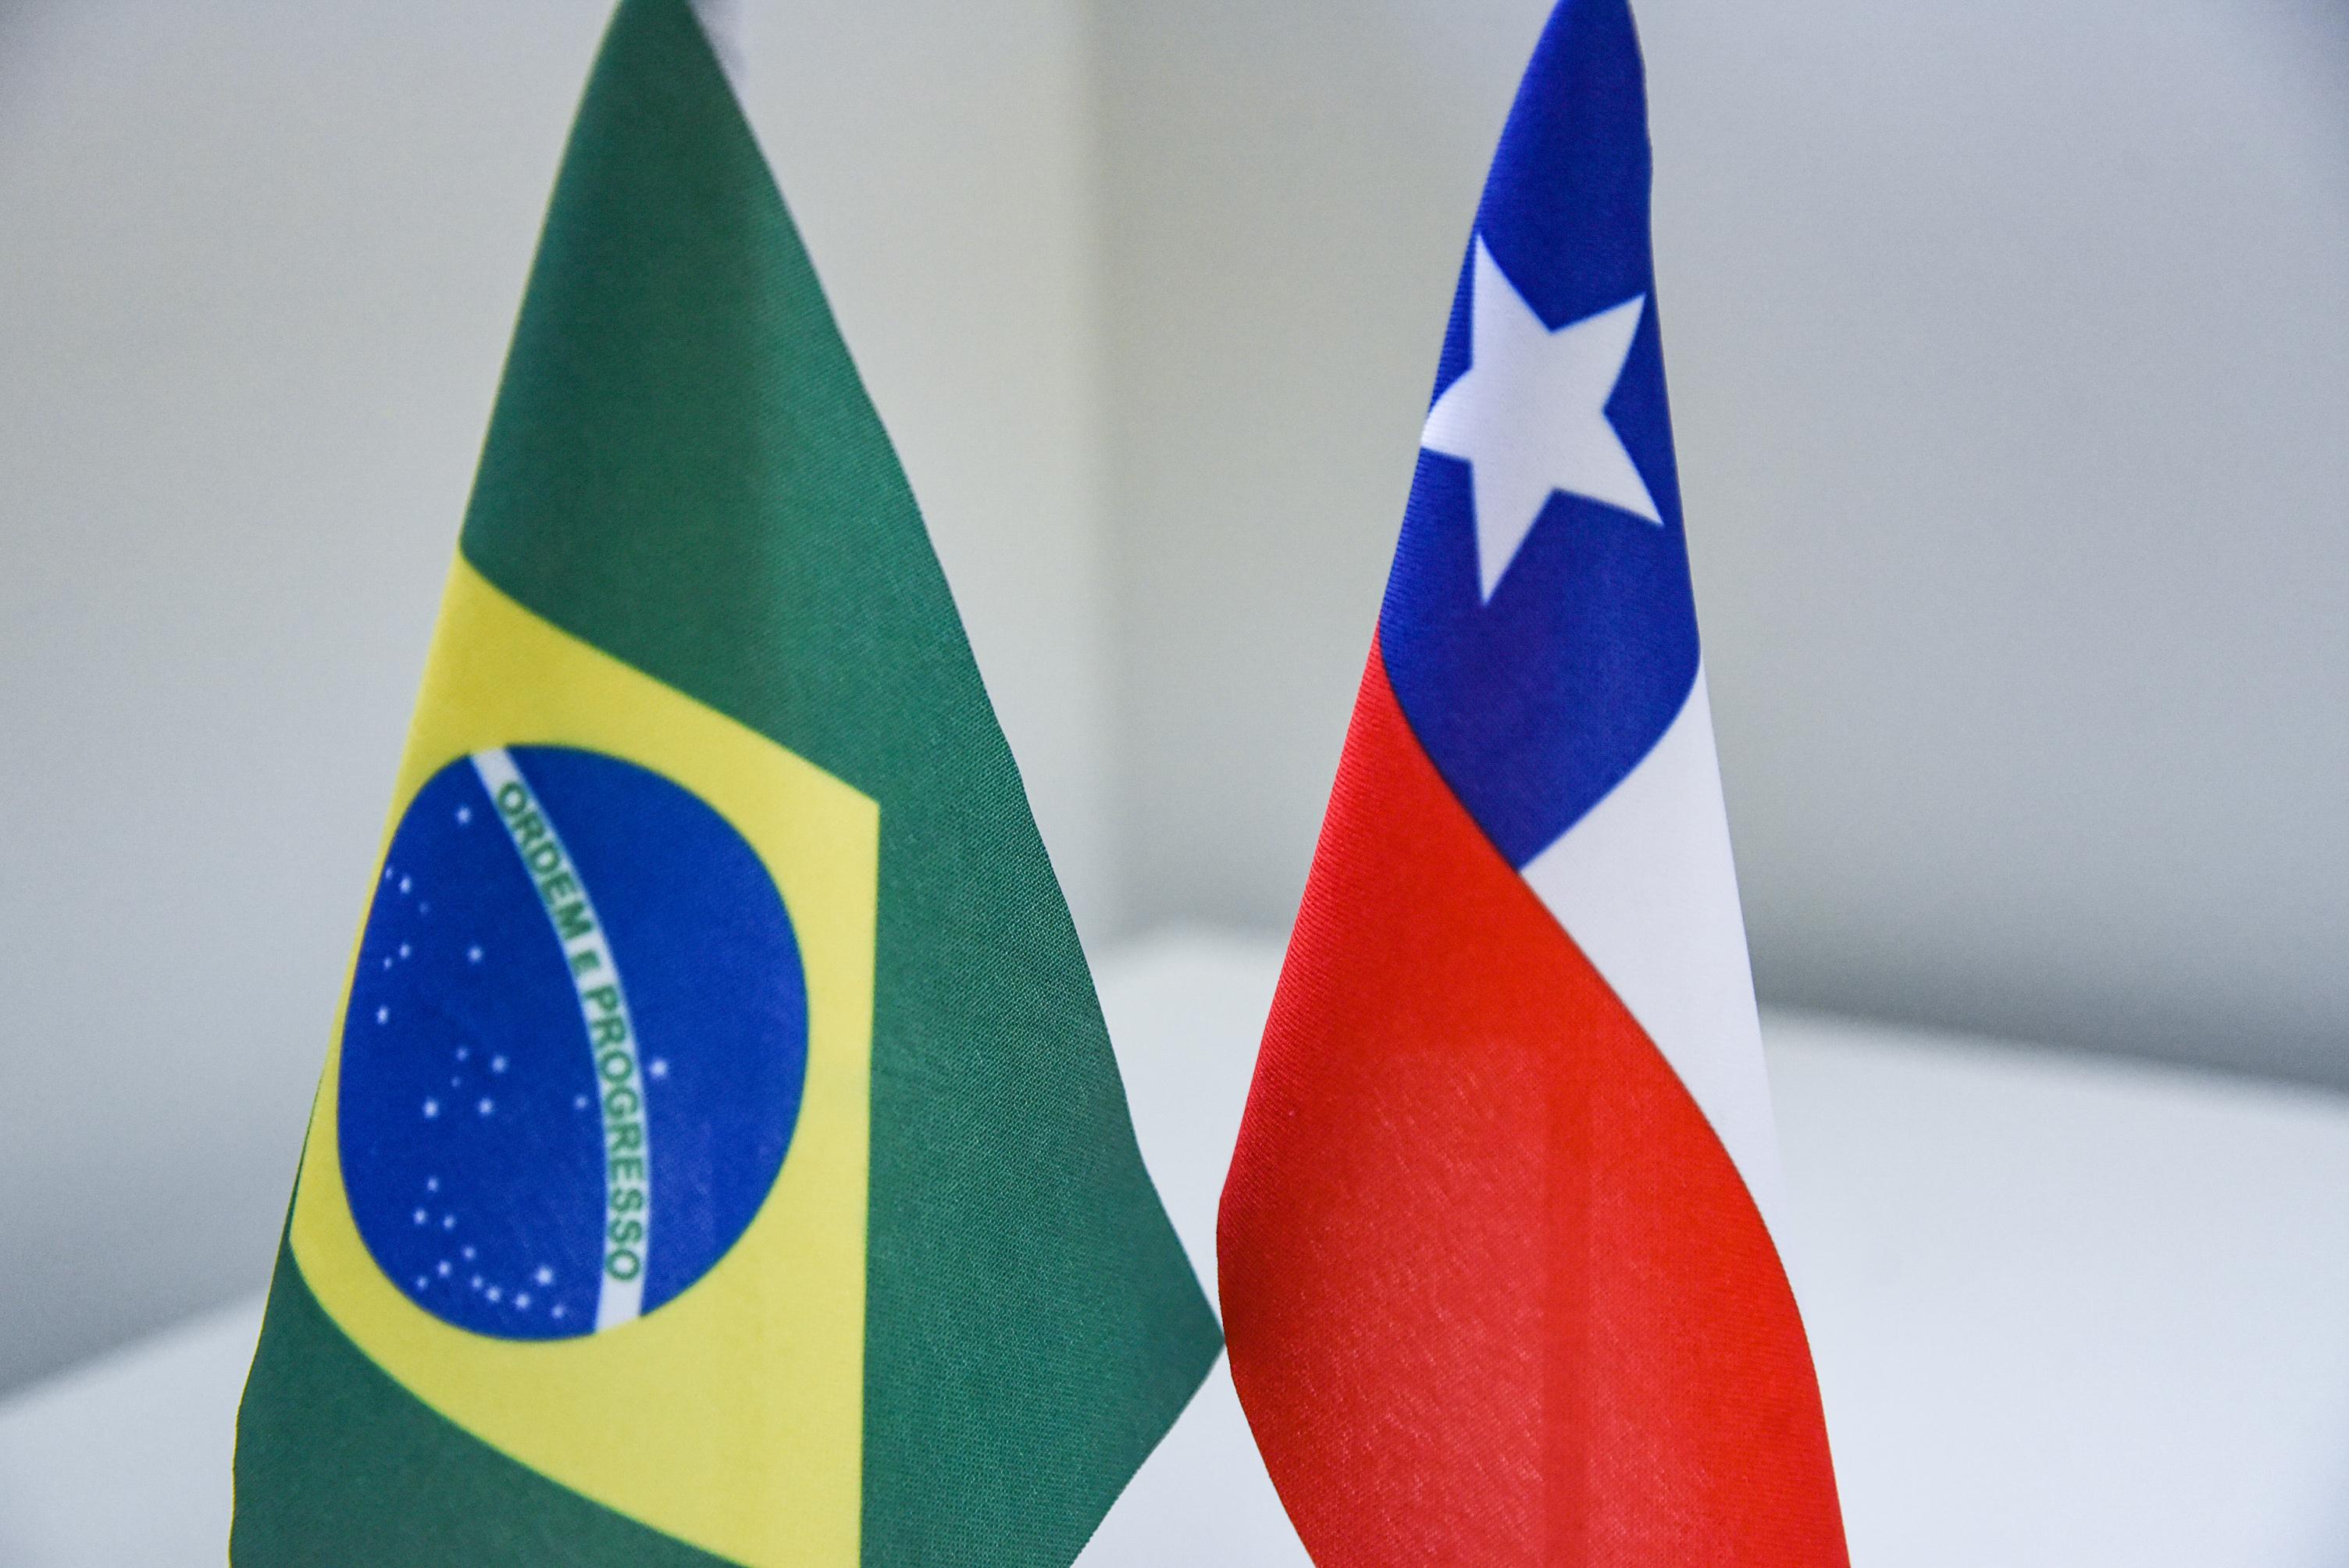 Bandeiras do Brasil e do Chile